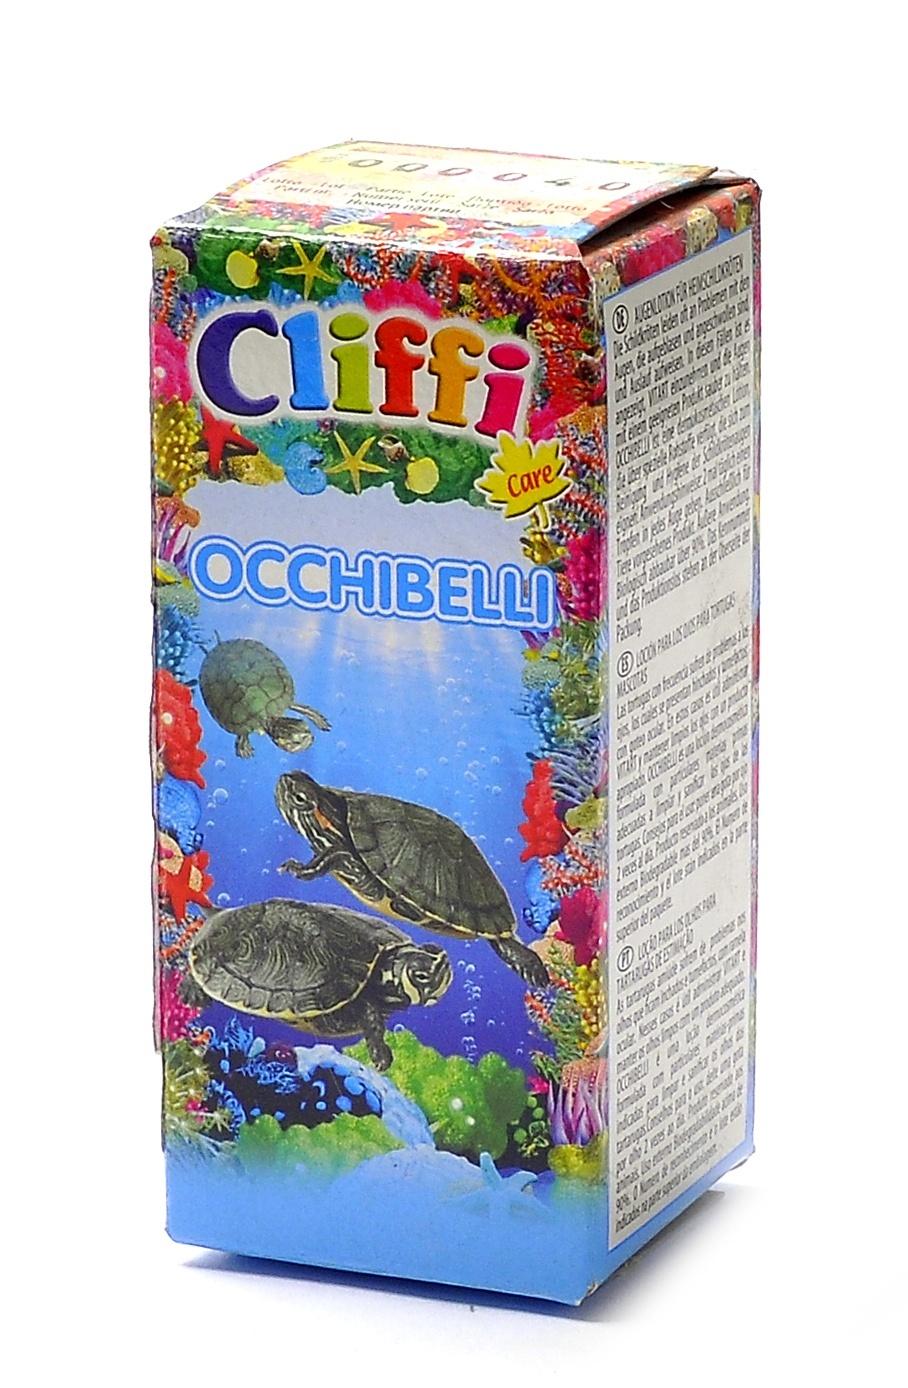 Клиффи Капли Occhibelli для глаз черепах, 25 мл, Cliffi